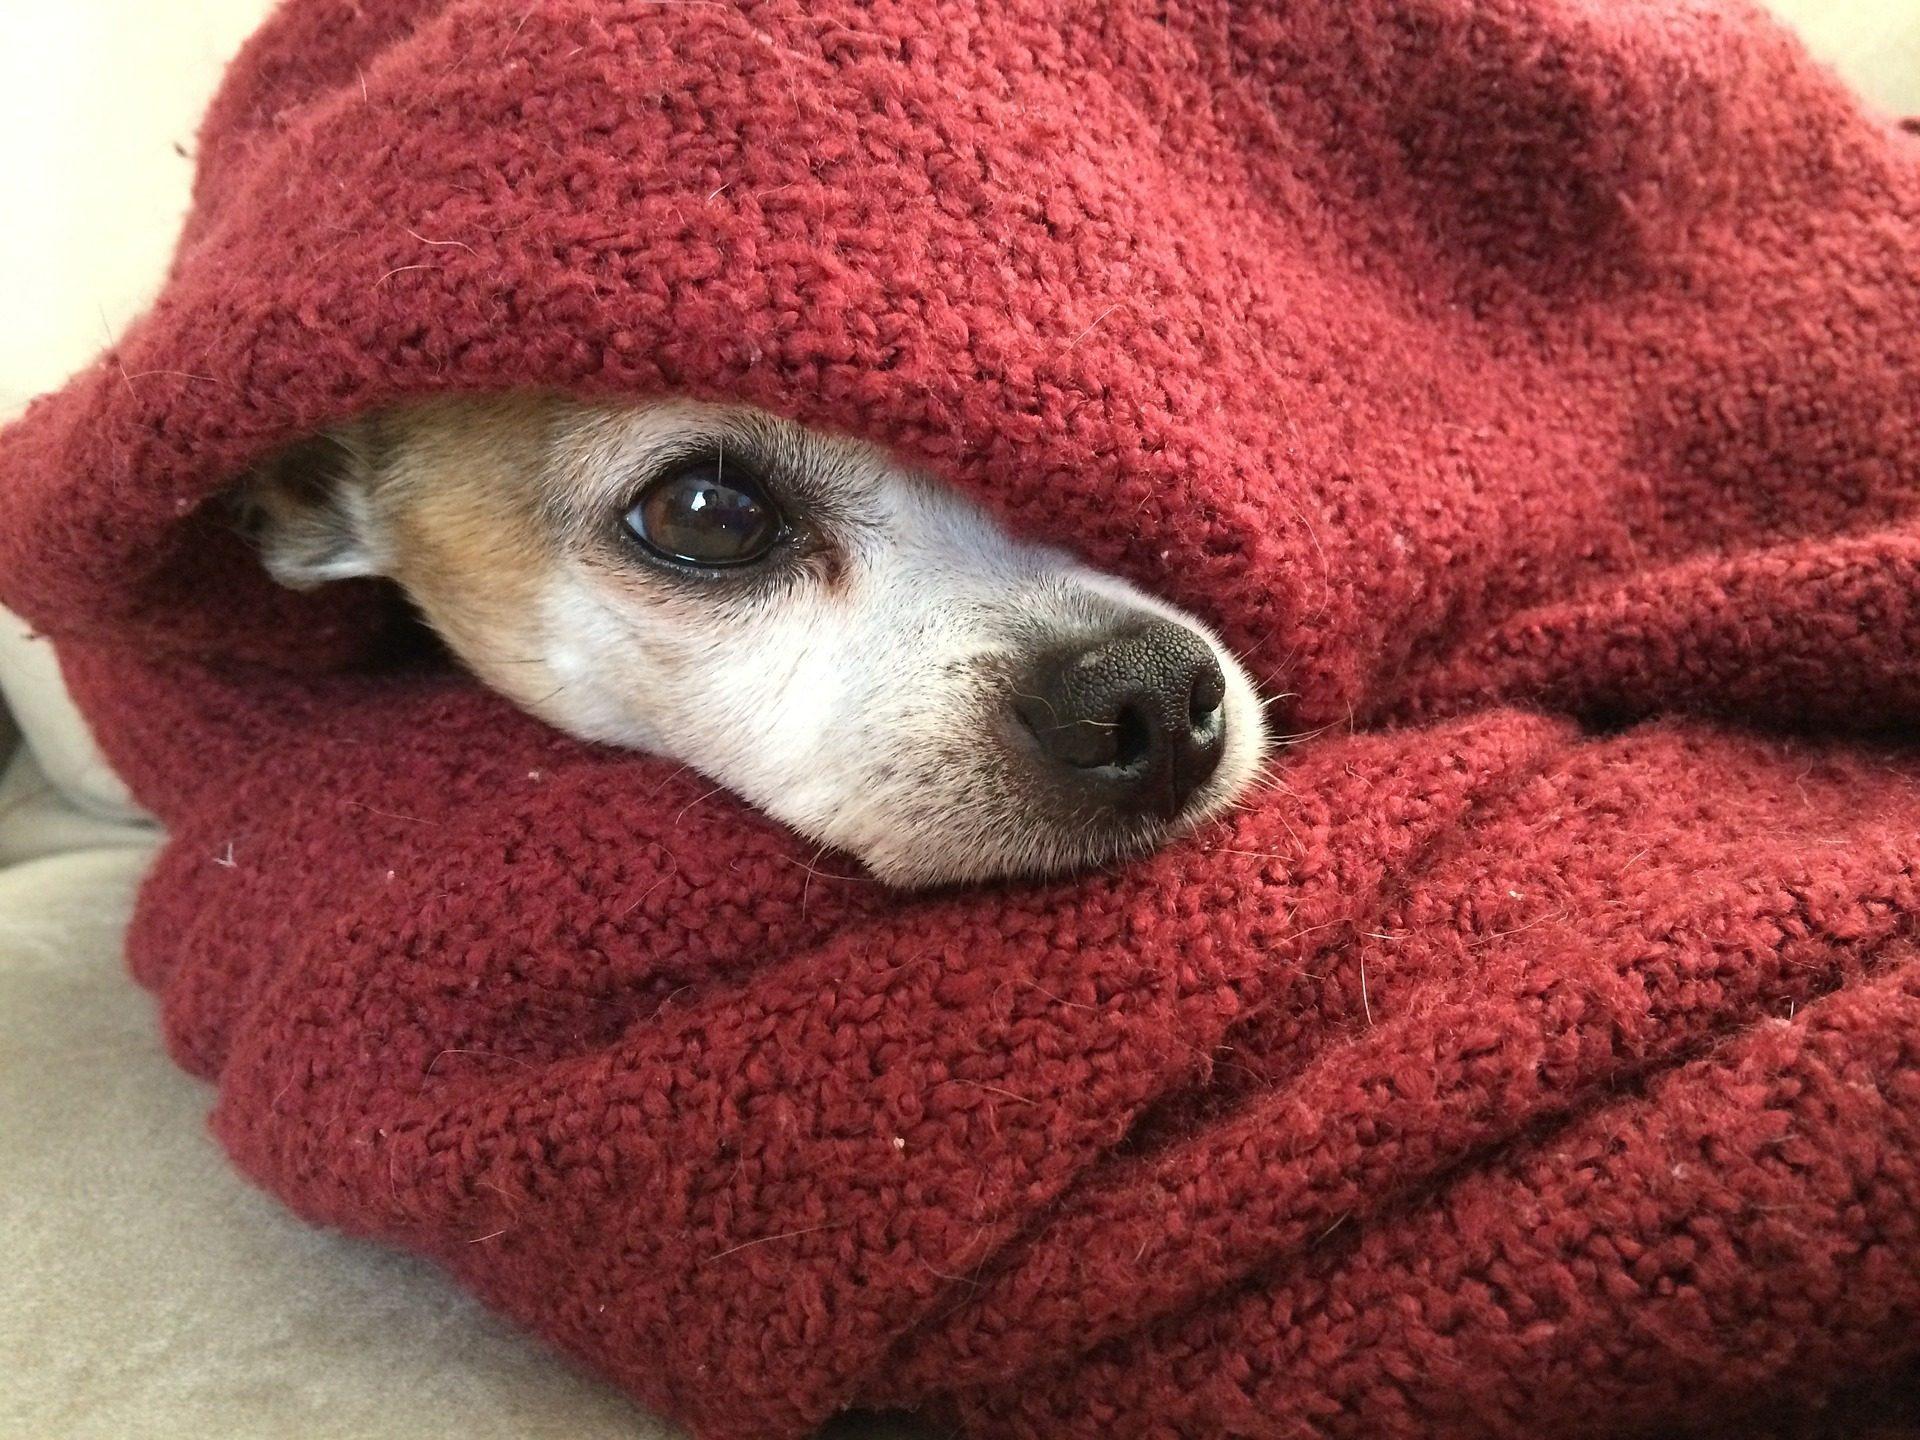 奇瓦瓦, 狗, 宠物, 橡皮布, 隐藏 - 高清壁纸 - 教授-falken.com